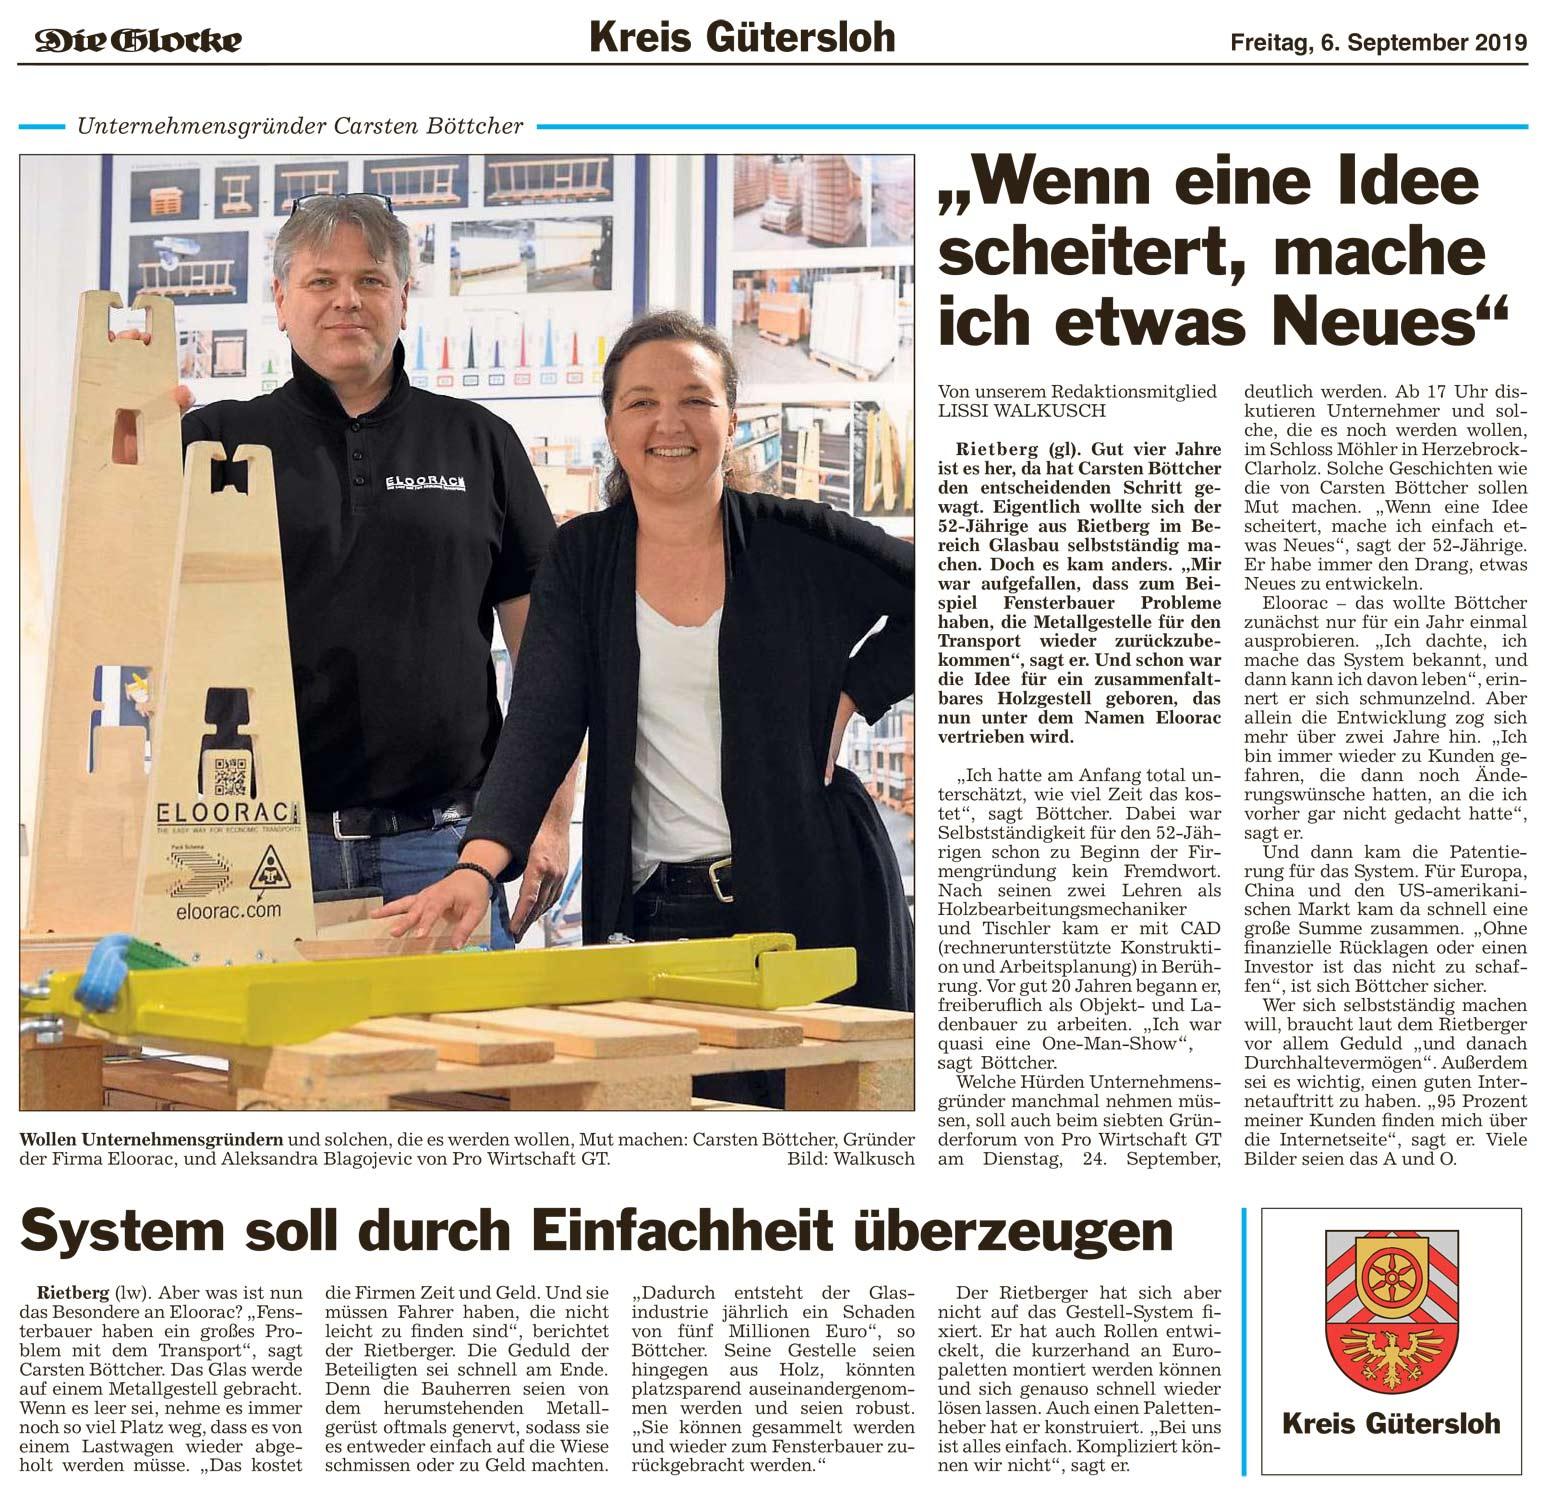 """Eloorac Transport Gestelle: Bericht der Zeitung """"Die Glocke"""" über den Eloorac Transportsysteme Gründer Carsten Böttcher"""